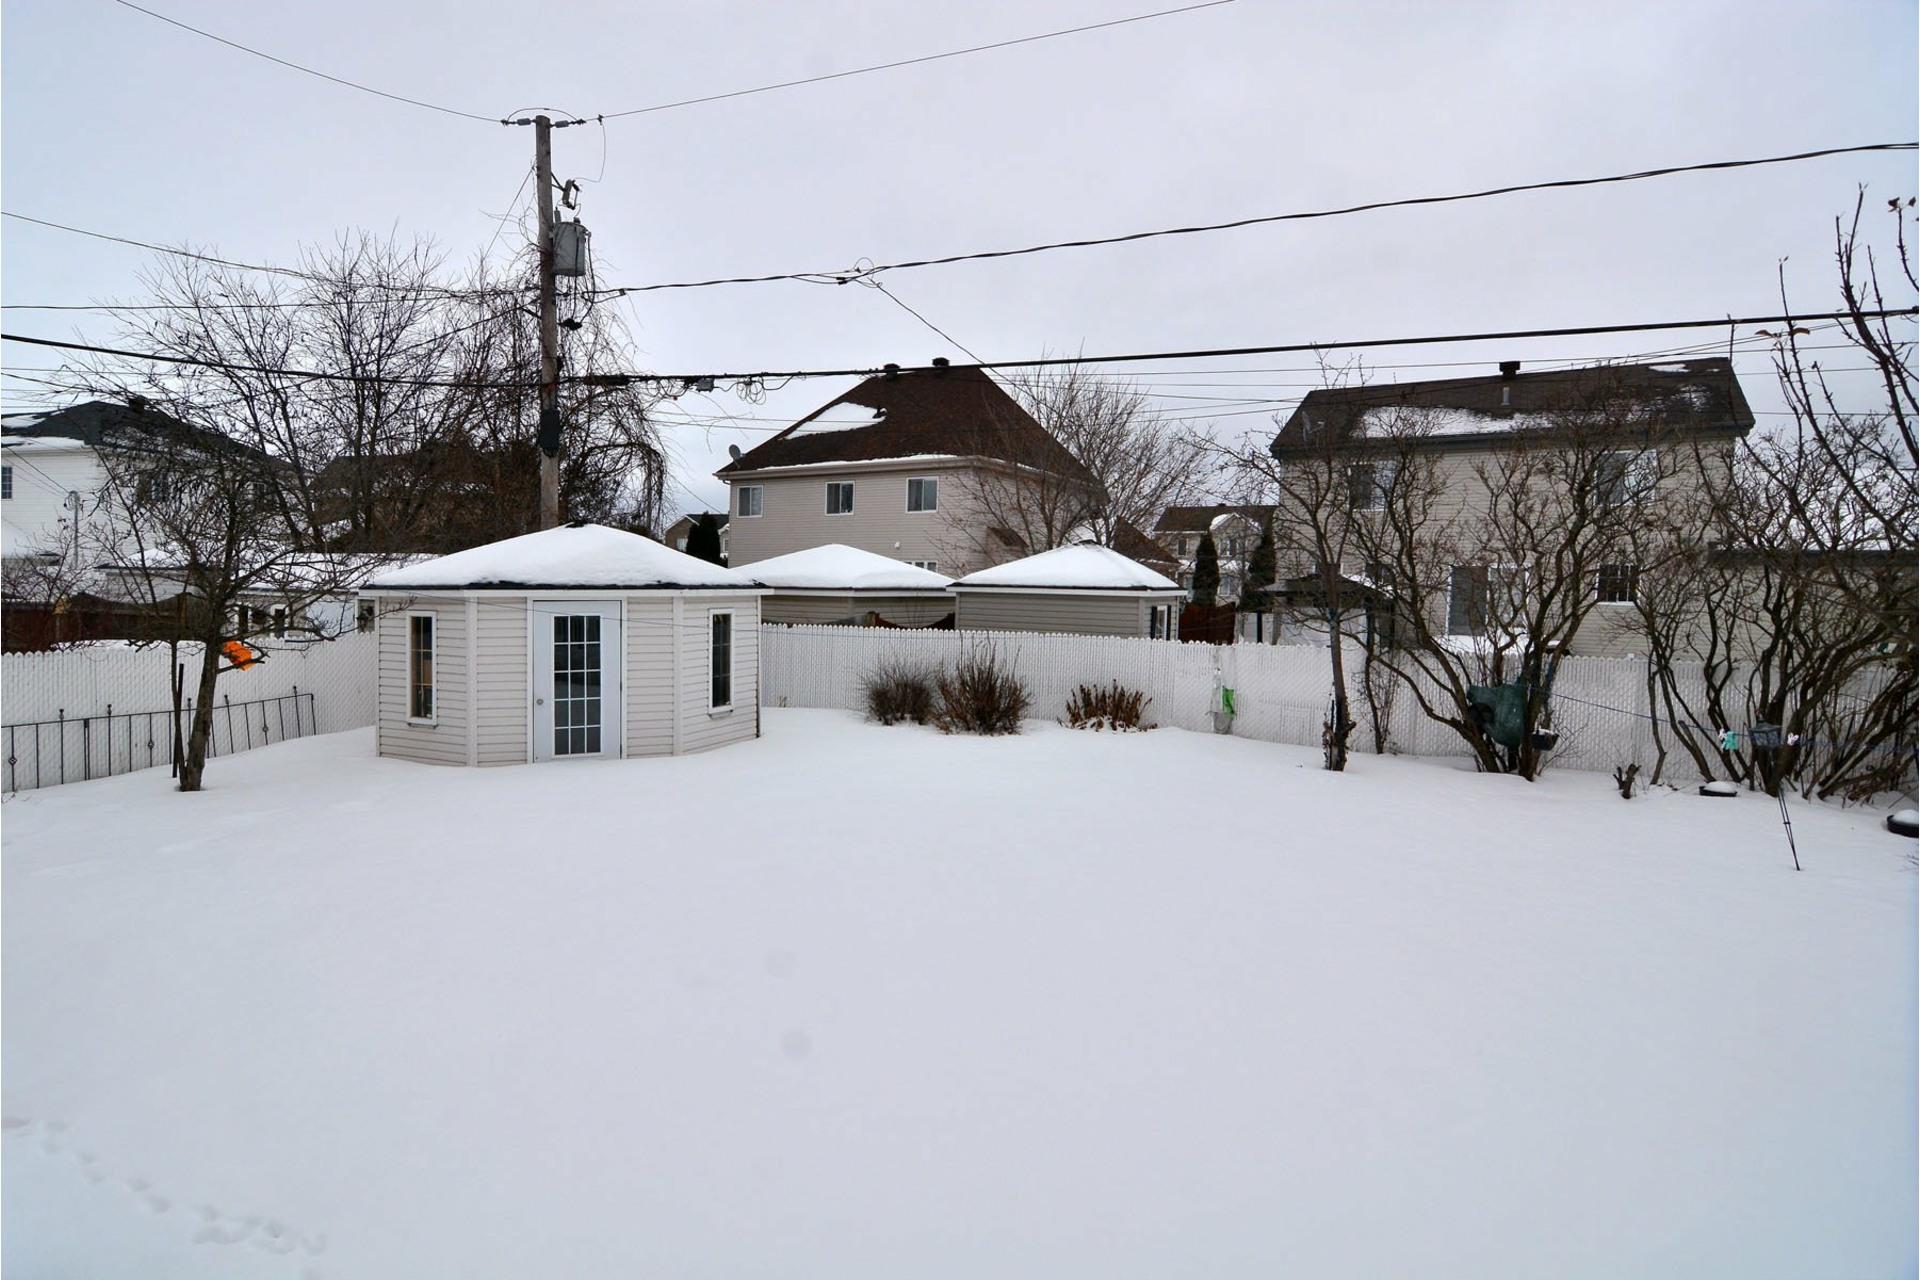 image 34 - Maison À louer Vaudreuil-Dorion - 13 pièces